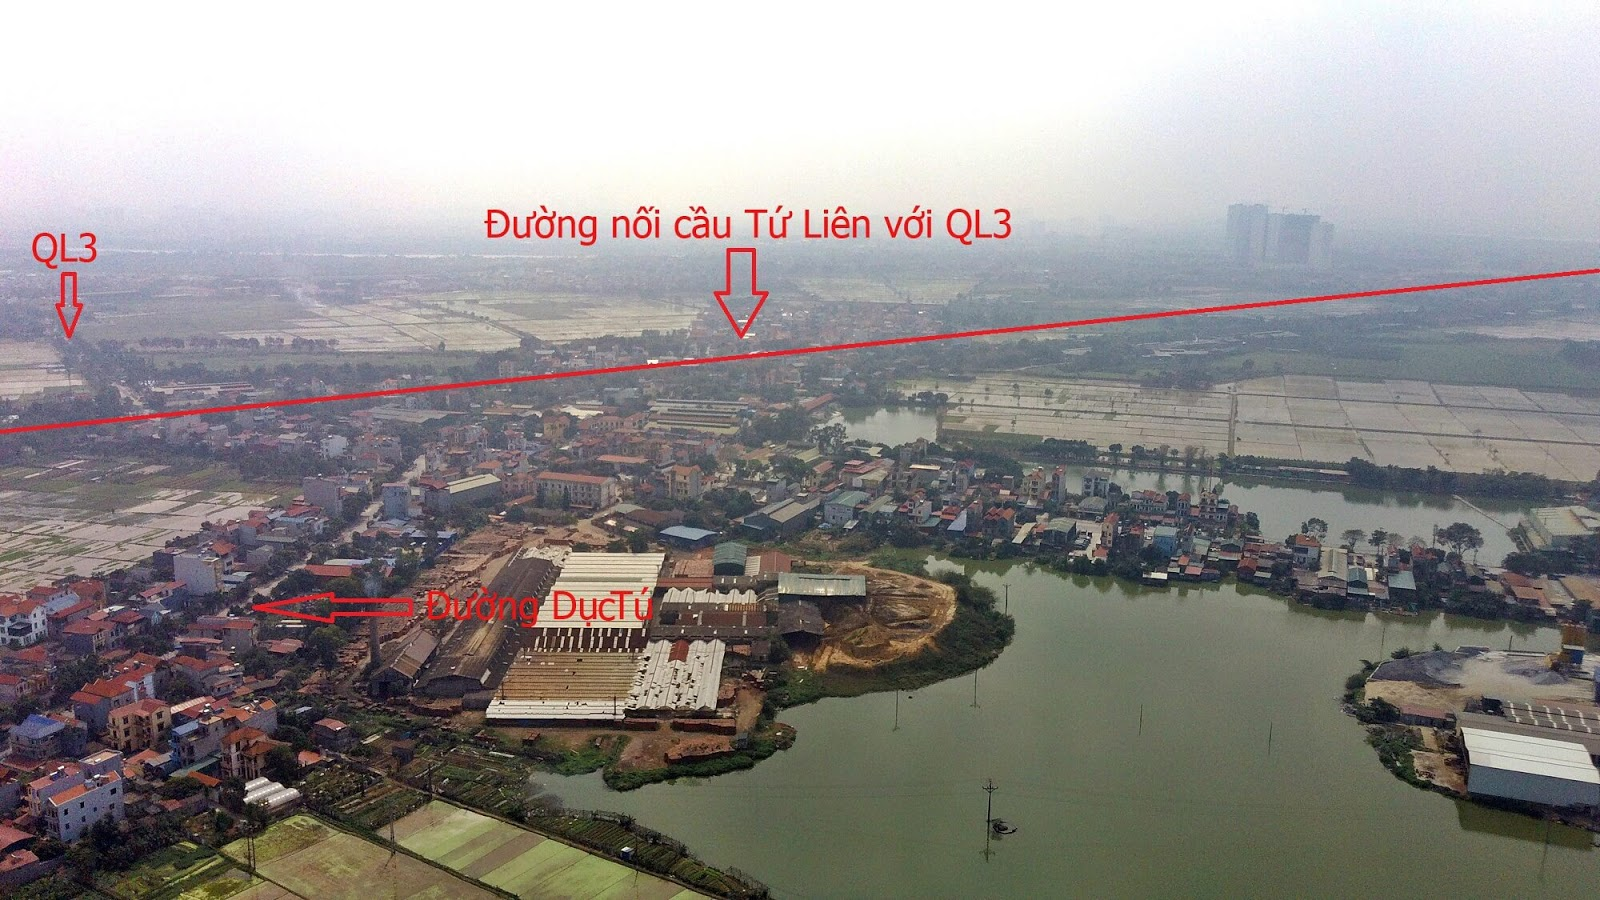 Nút giao đường dẫn cầu Tứ Liên và QL3 ( Trục cao tốc Hà Nội - Thái Nguyên ).